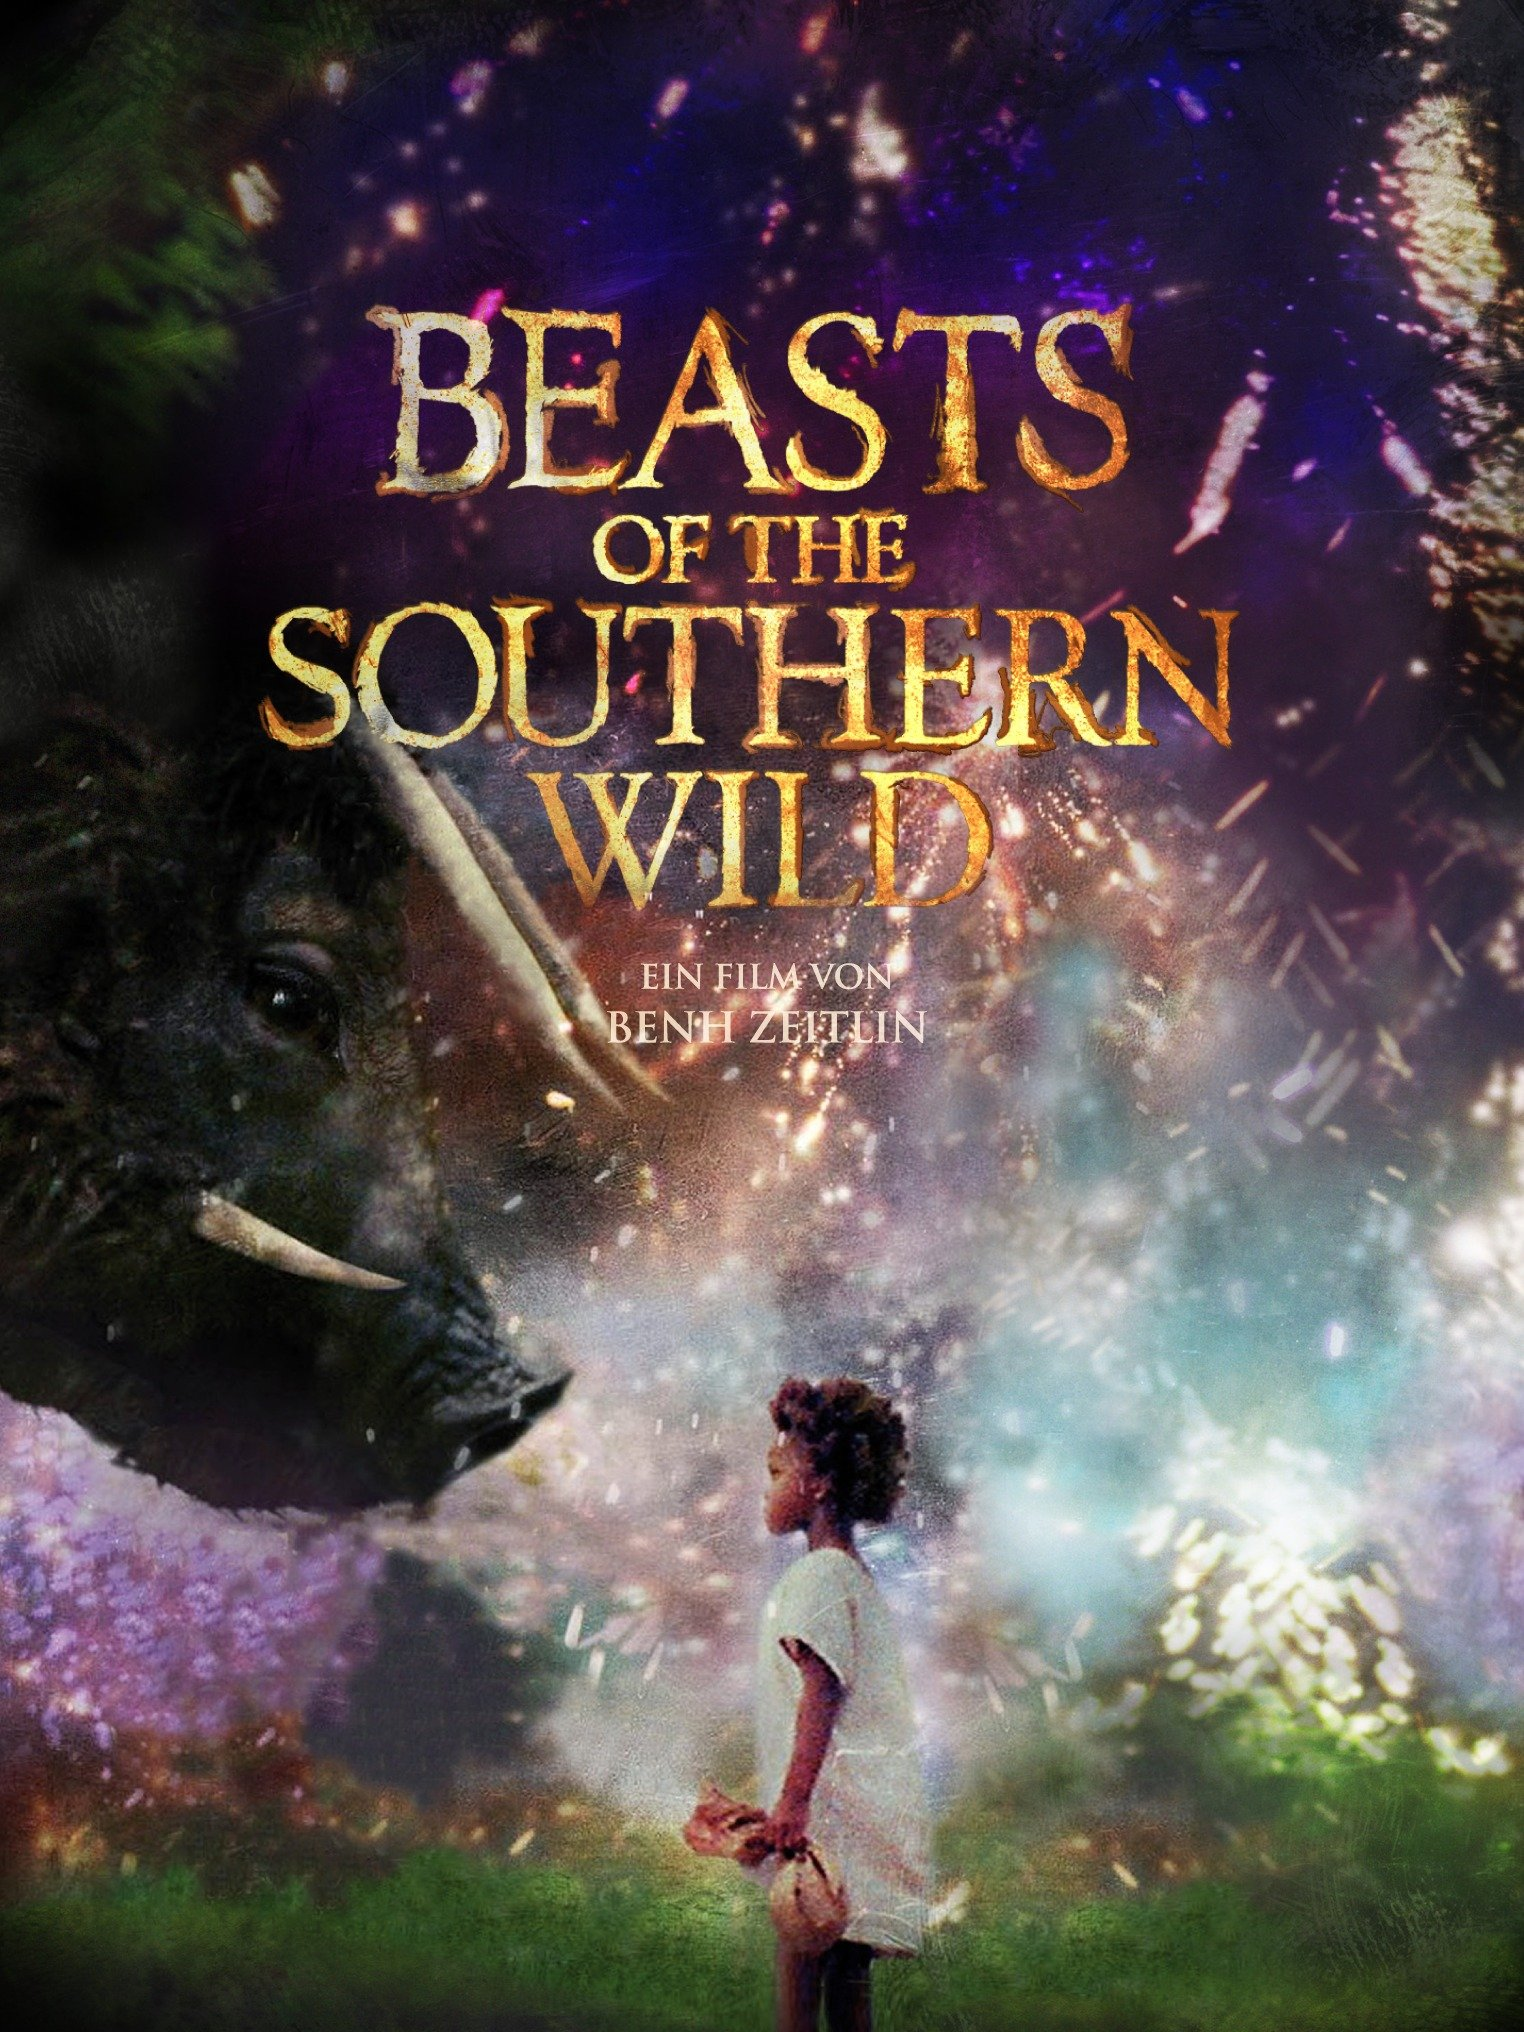 Beasts of the Southern Wild [dt./OV] online schauen und streamen bei ...